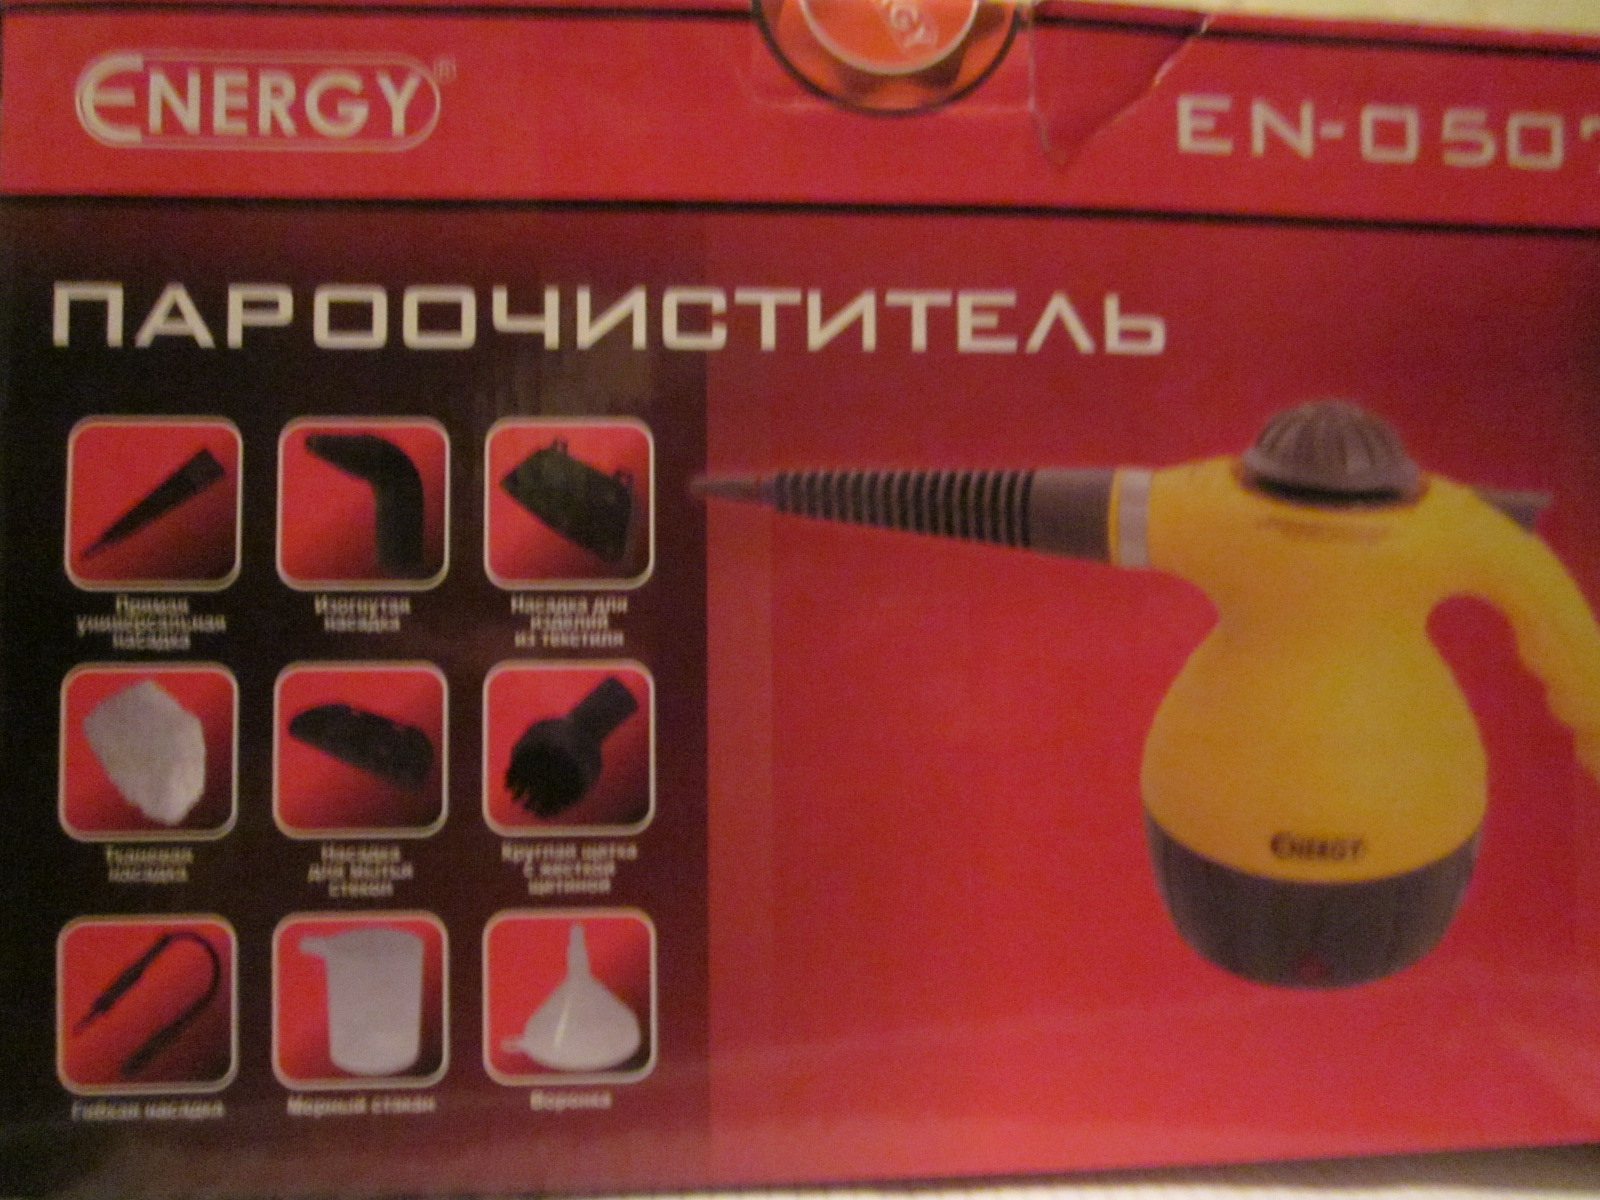 Пароочиститель Energy